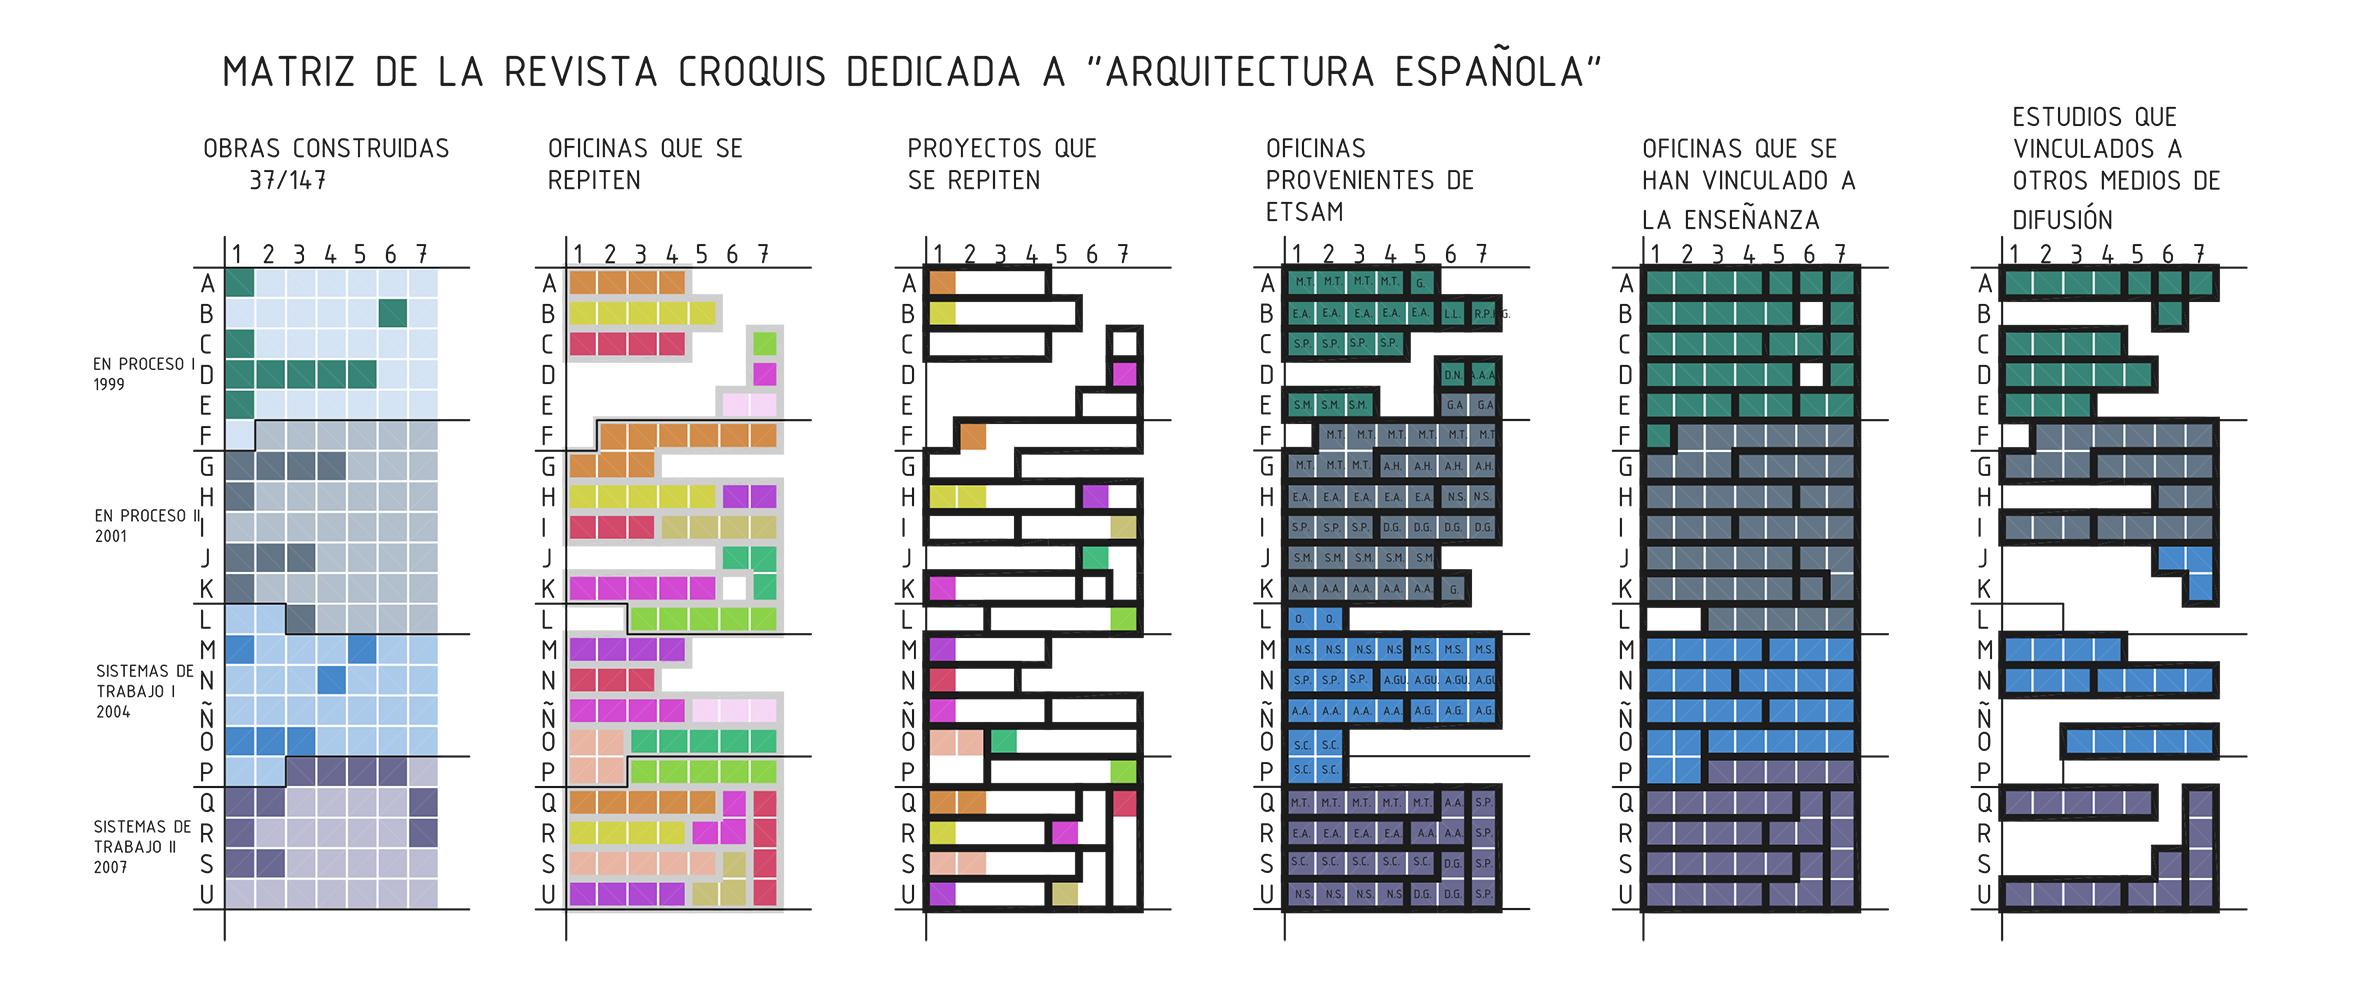 Las revistas de arquitectura espa olas difusi n y poder for La arquitectura en espana